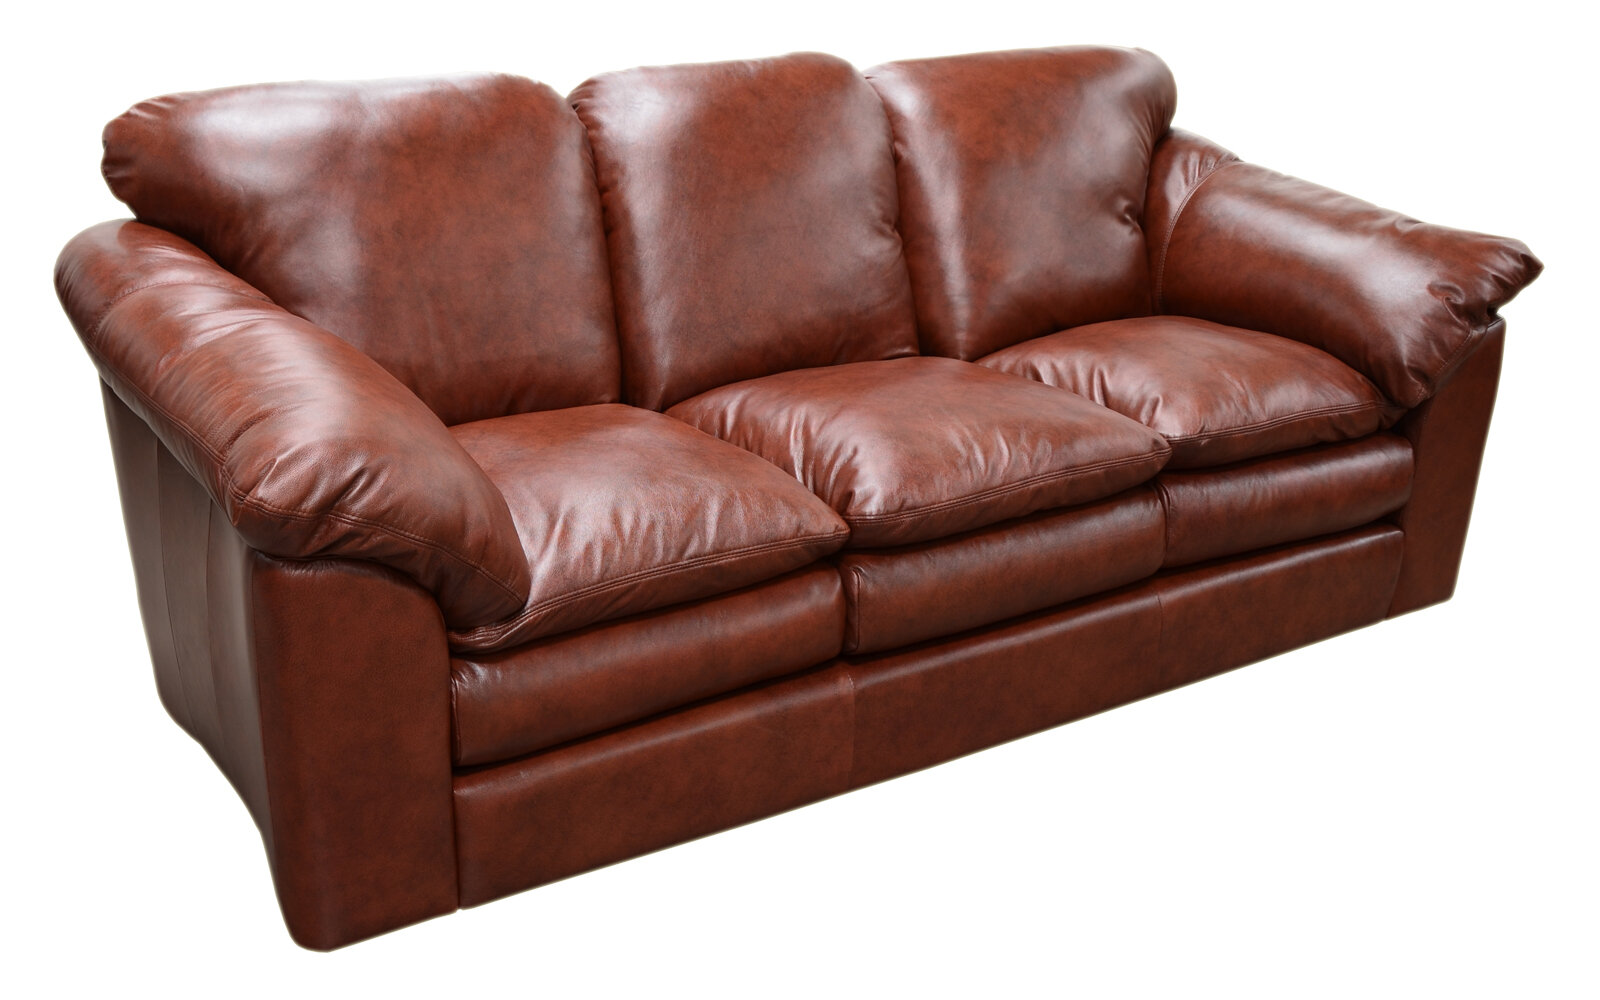 Oregon Leather Sofa